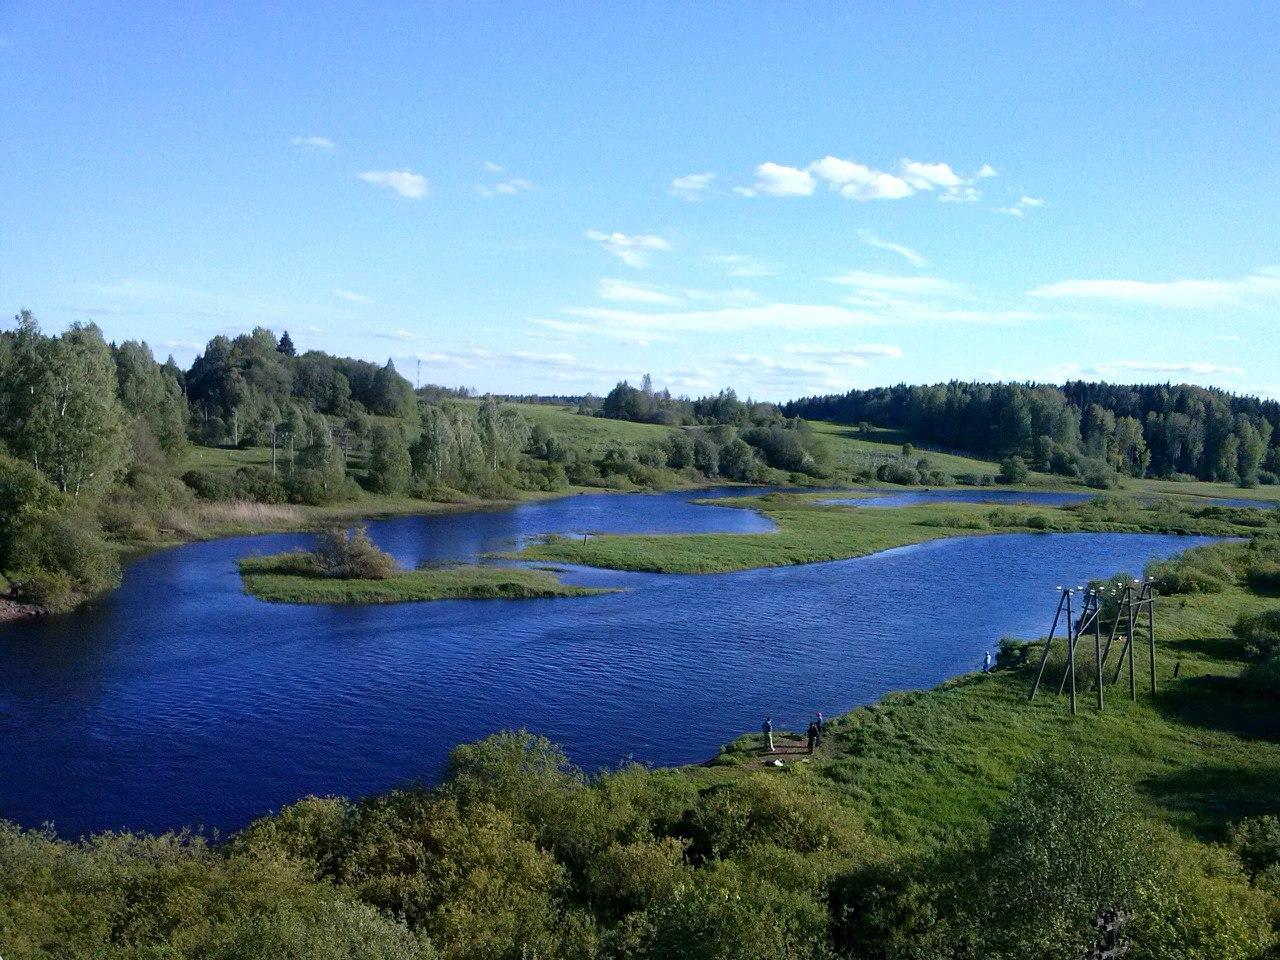 Разлив реки Оредеж, Лужский район. Одно из красивейших мест нашей области.